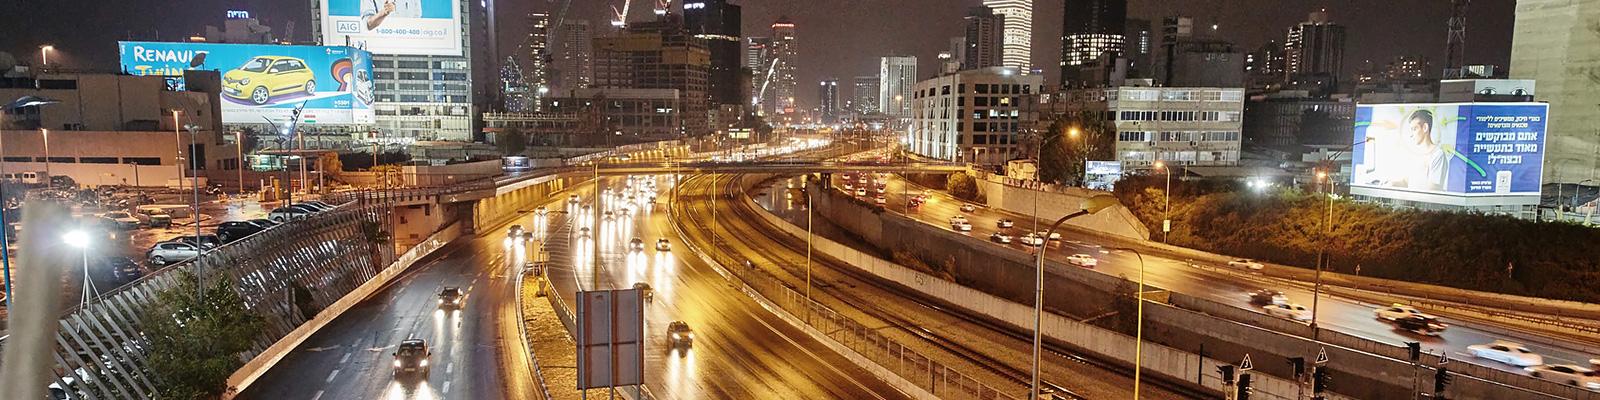 イスラエル 交通 イメージ